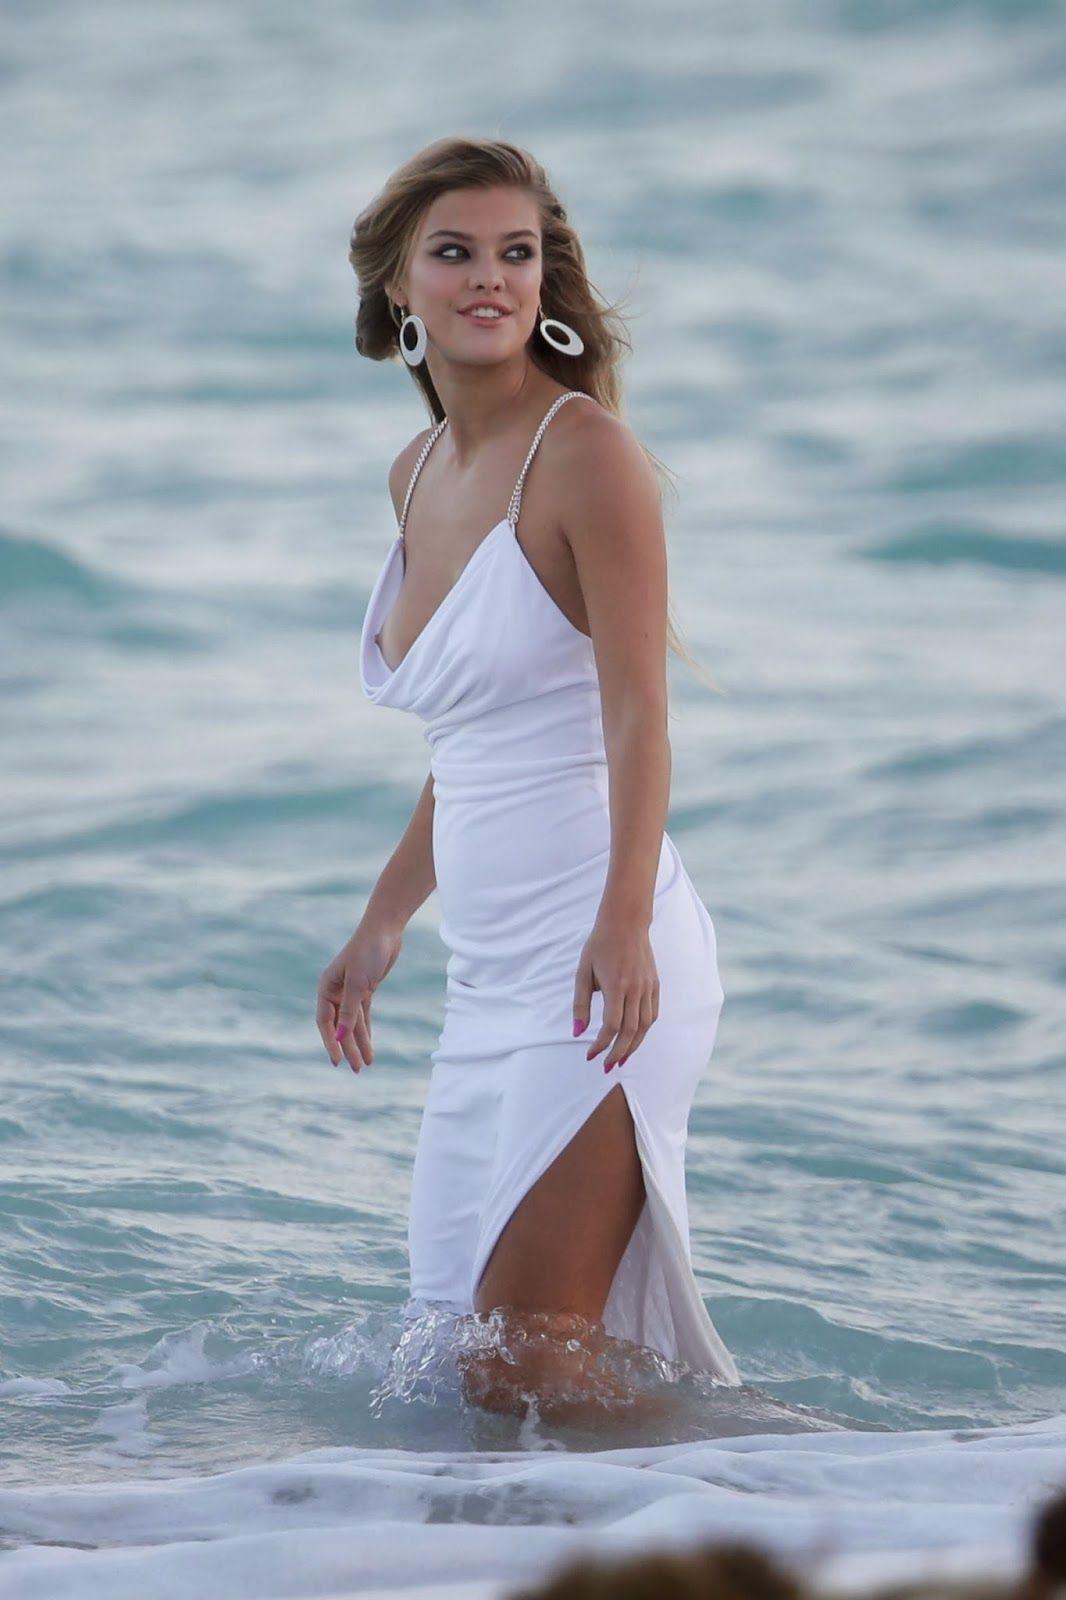 Nina Agdal Nipple Slip Candids at Bebe Photoshoot In Miami _052 ...